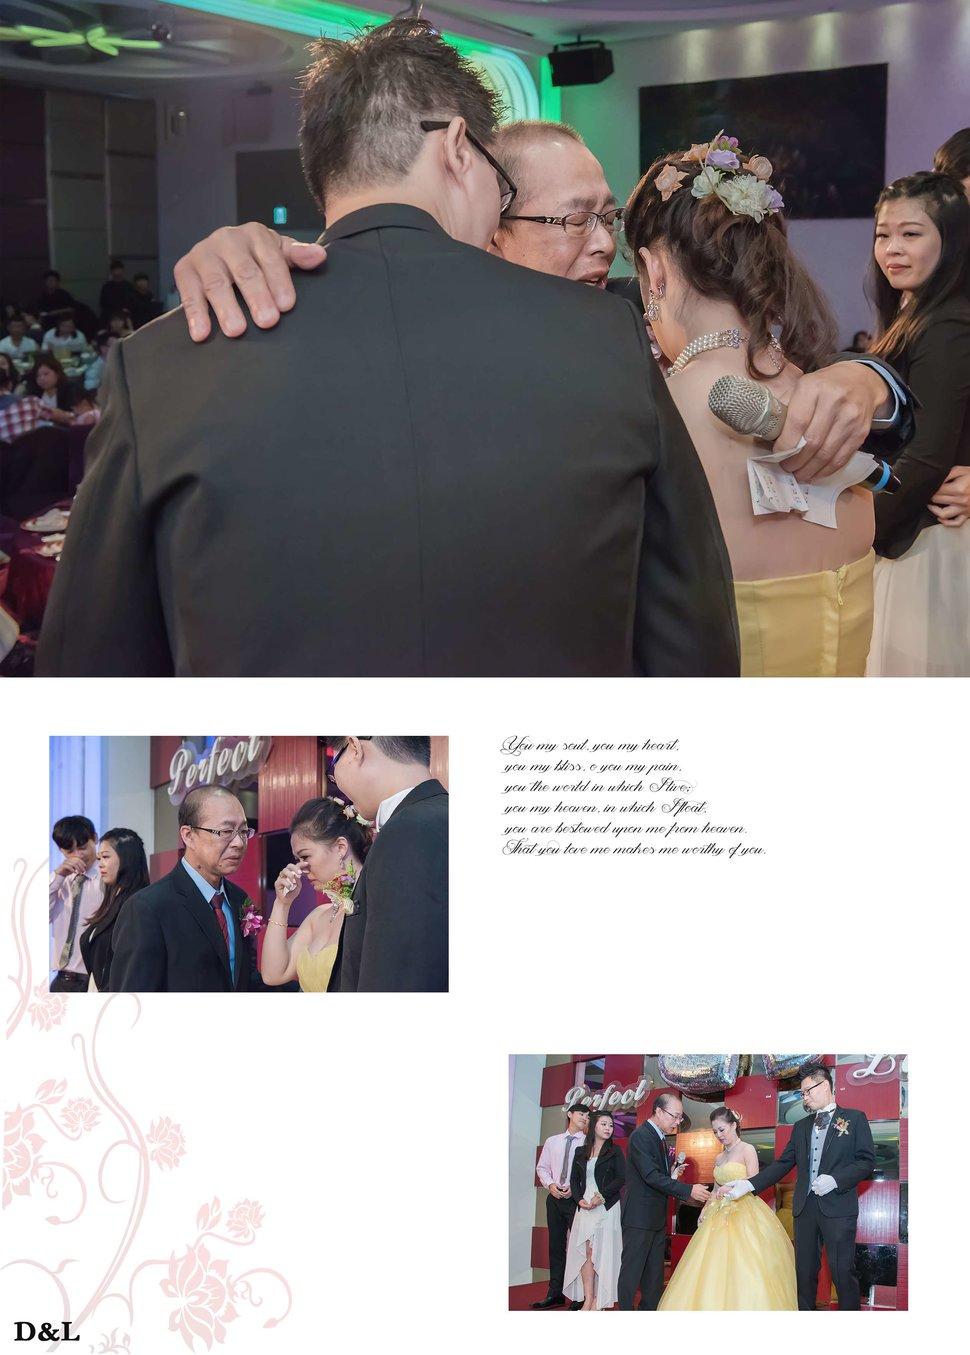 婚禮紀錄-顥天&美彣(編號:253200) - D&L 婚禮事務-婚紗攝影/婚禮記錄 - 結婚吧一站式婚禮服務平台